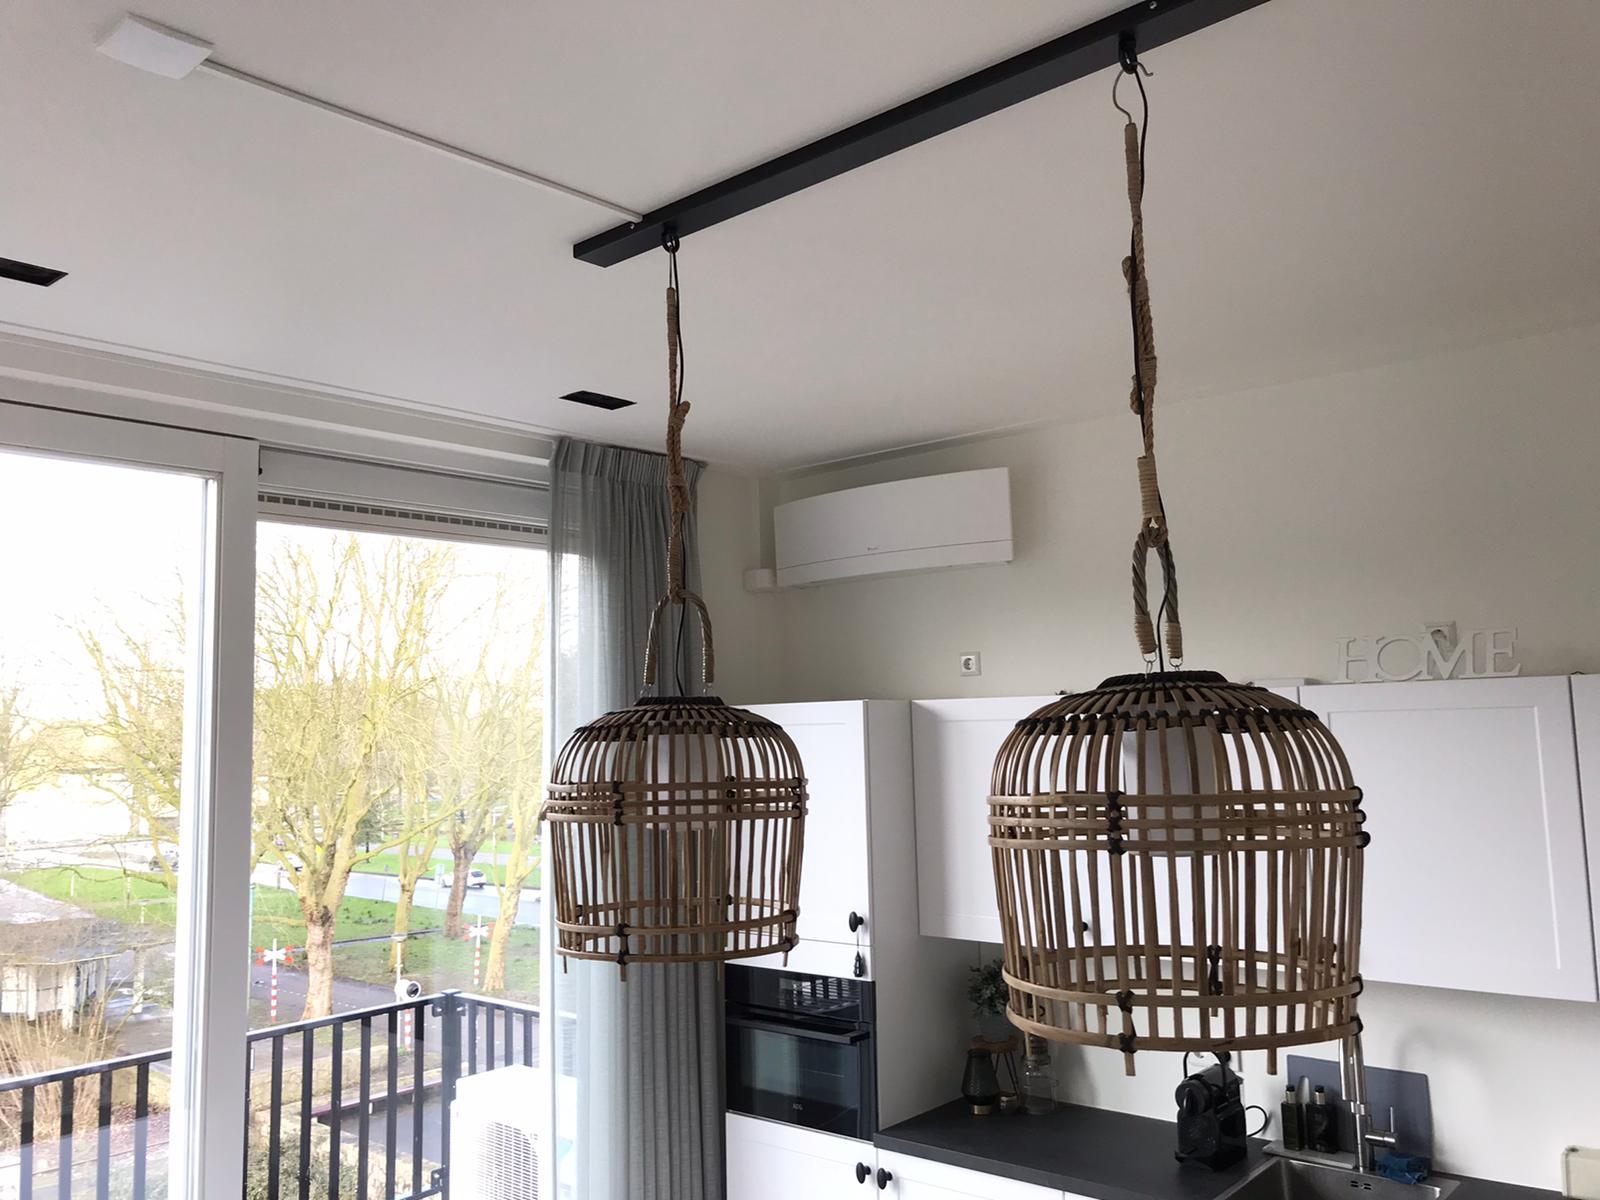 Spruijt Klimaat -Airco keuken appartement Amsterdam daikin emura spruijt klimaattechniek